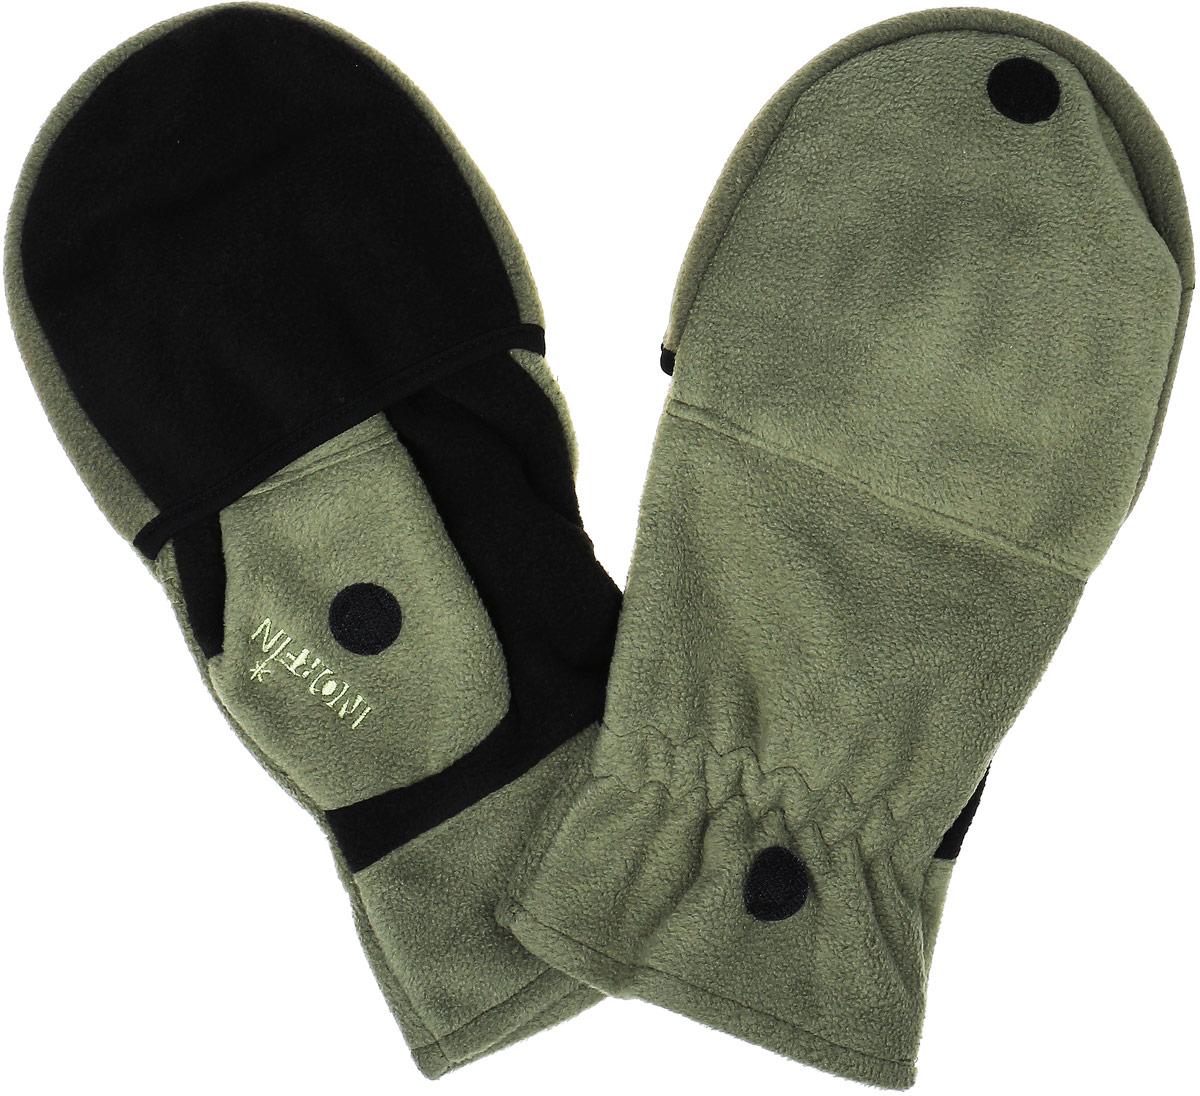 701103Перчатки-варежки Norfin 73 защитят ваши руки. Они хорошо сохраняют тепло, мягкие, идеально сидят на руке. Перчатки-варежки выполнены из флиса. Изделие представляет собой перчатки без пальцев, к внешней стороне которых крепится капюшон, накинув его на пальцы, перчатки превращаются в варежки. На большом пальце имеется отверстие. Капюшон фиксируется на перчатке при помощи липучки.